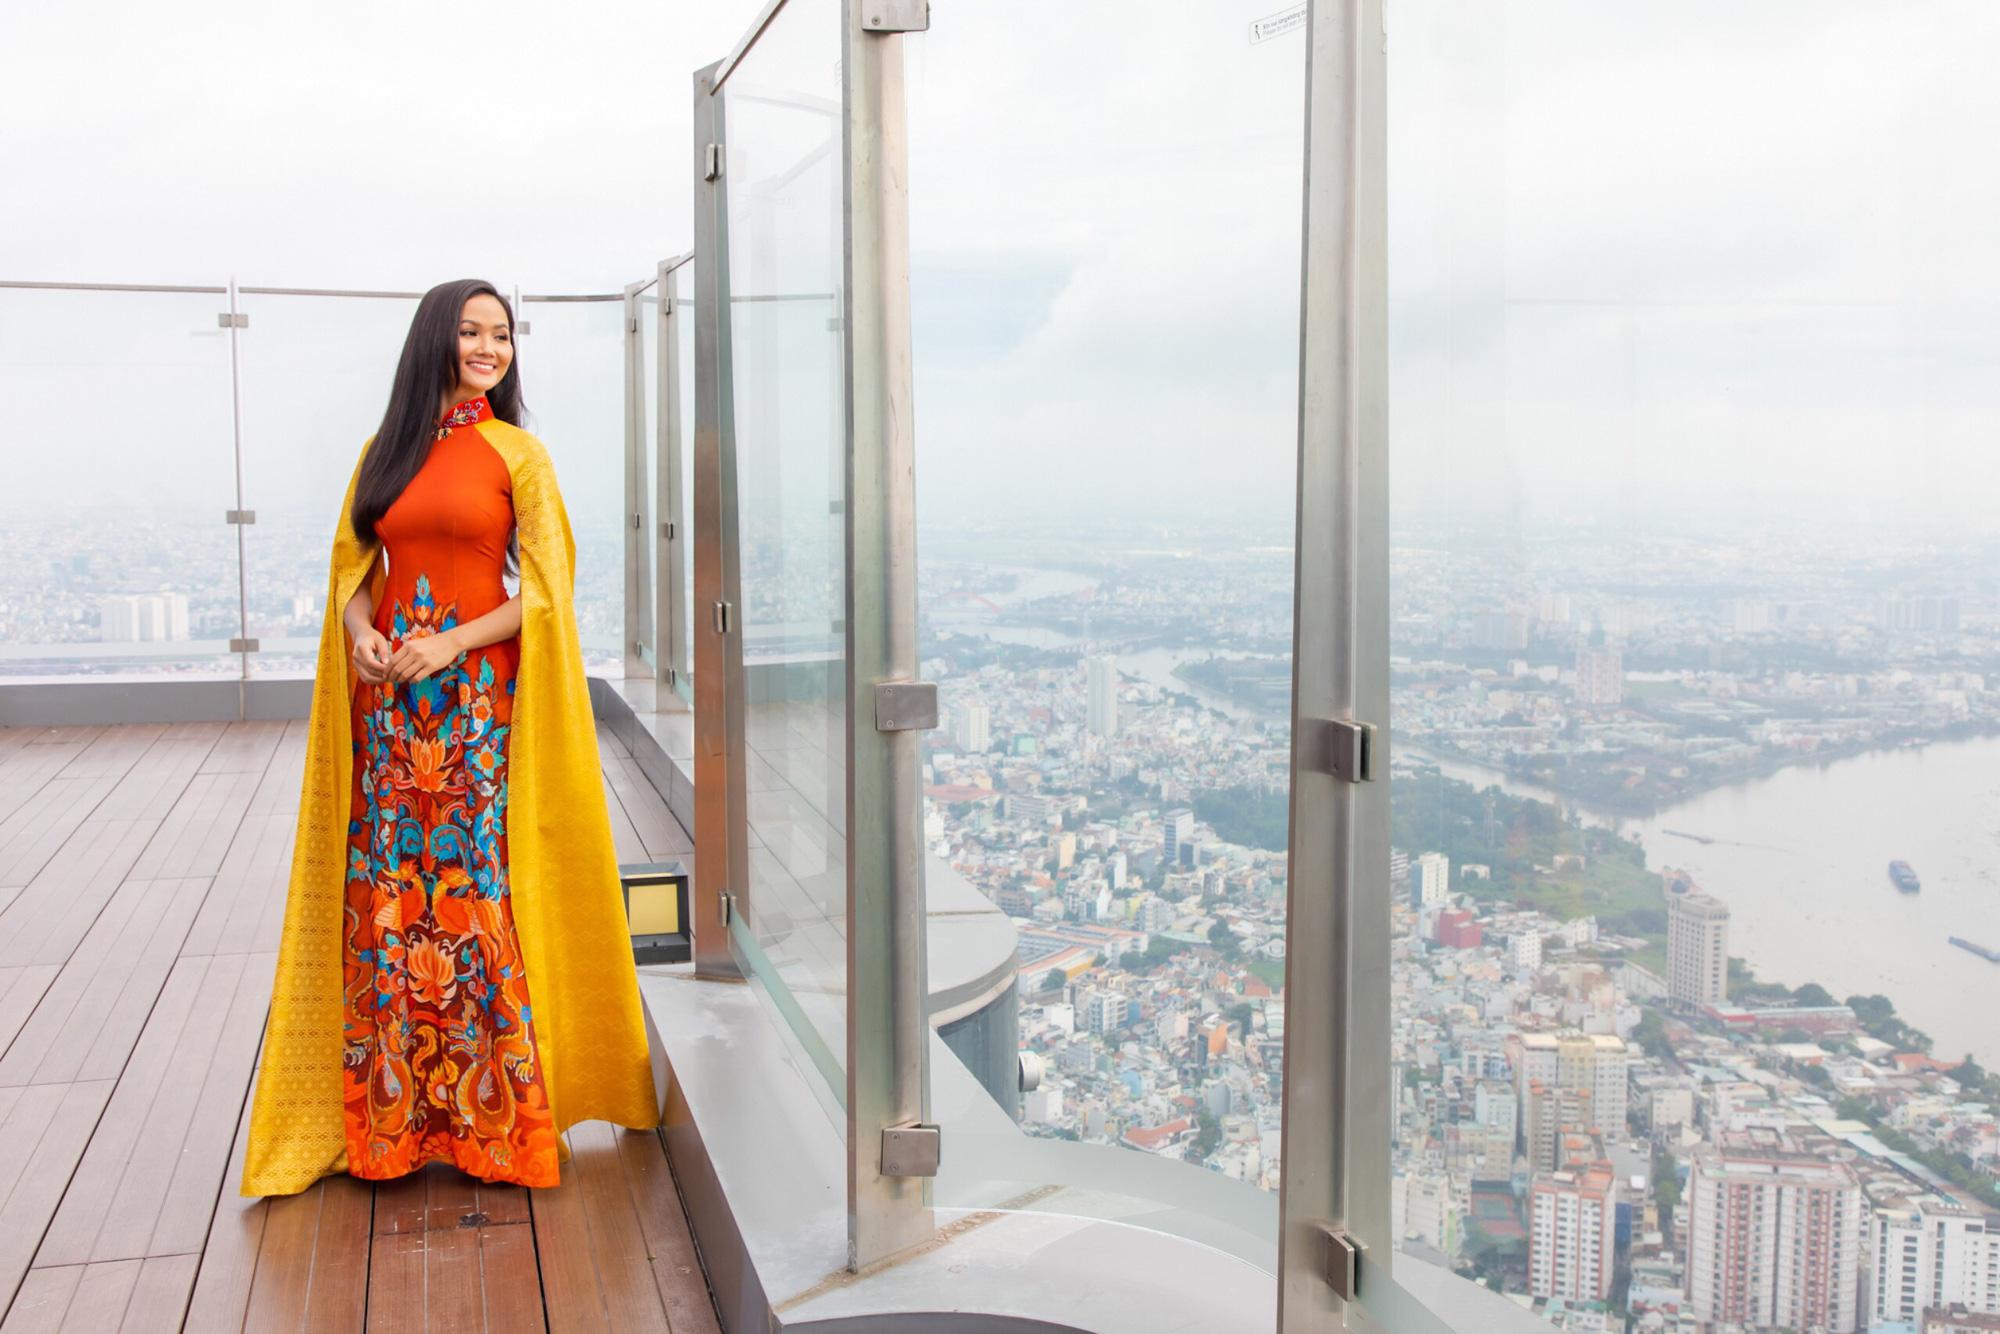 Hoa hậu H'Hen Niê diện áo dài, quảng bá du lịch trên tòa nhà cao nhất Việt Nam - Ảnh 5.